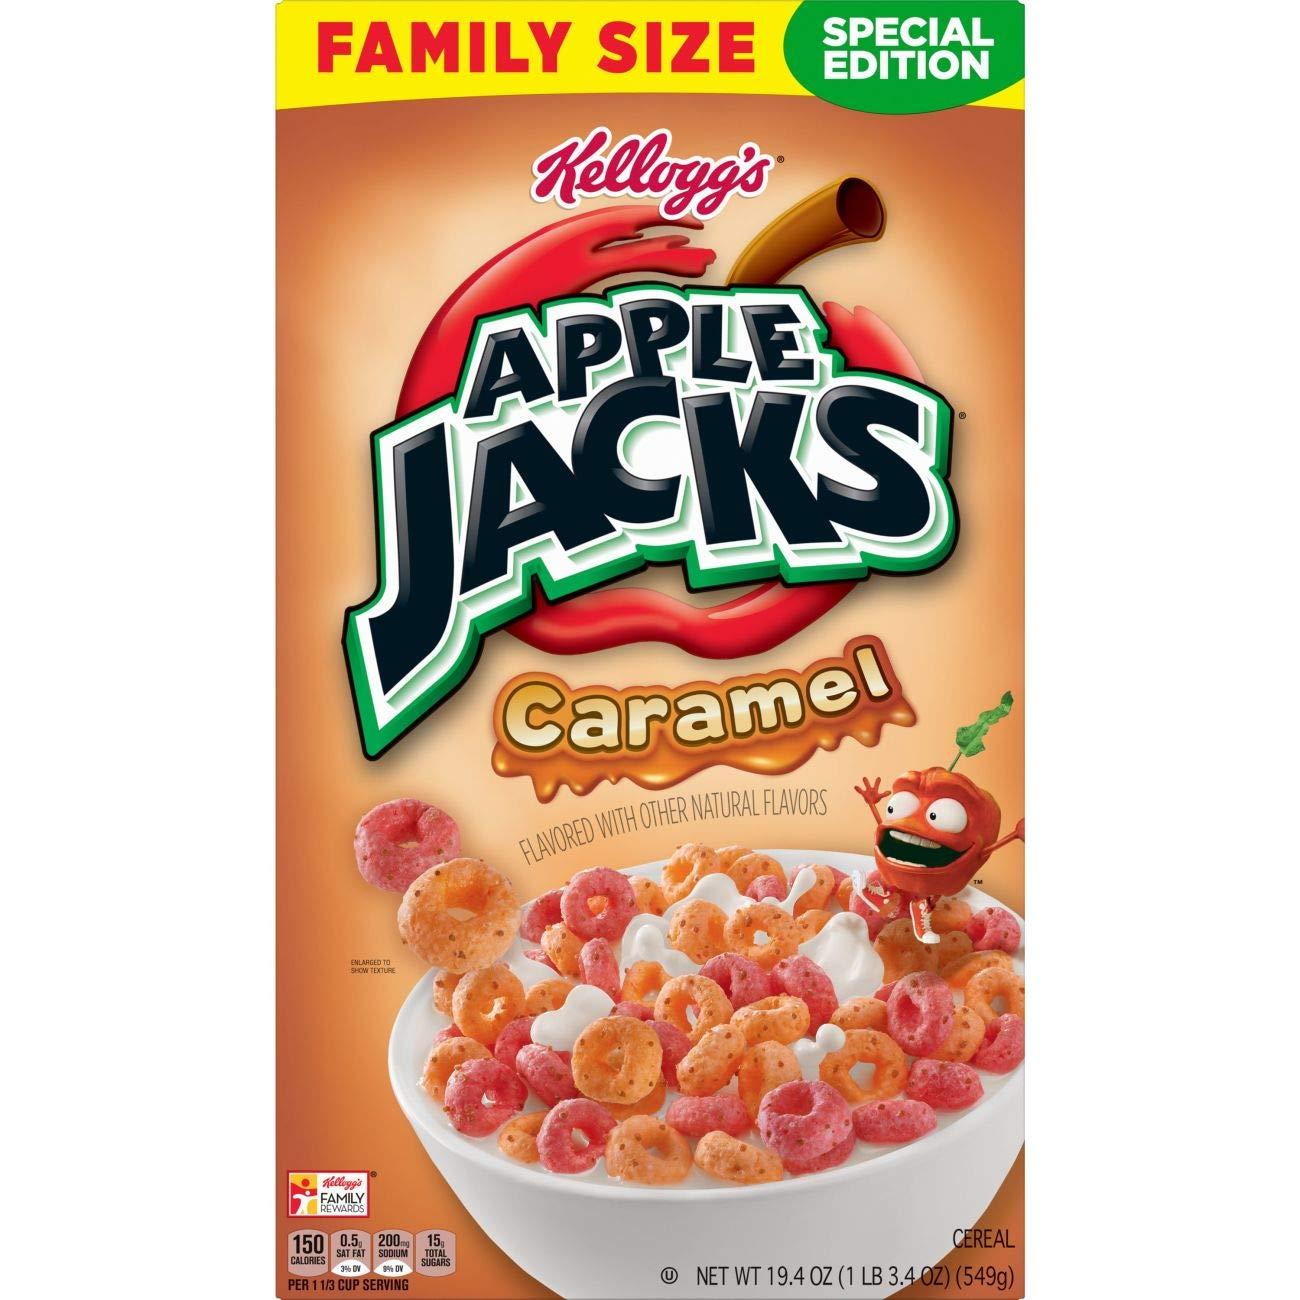 Amazon.com: Kellogg's, Apple Jacks, Breakfast Cereal, Caramel, Family Size,  19.4 Oz ( ONE BOX )